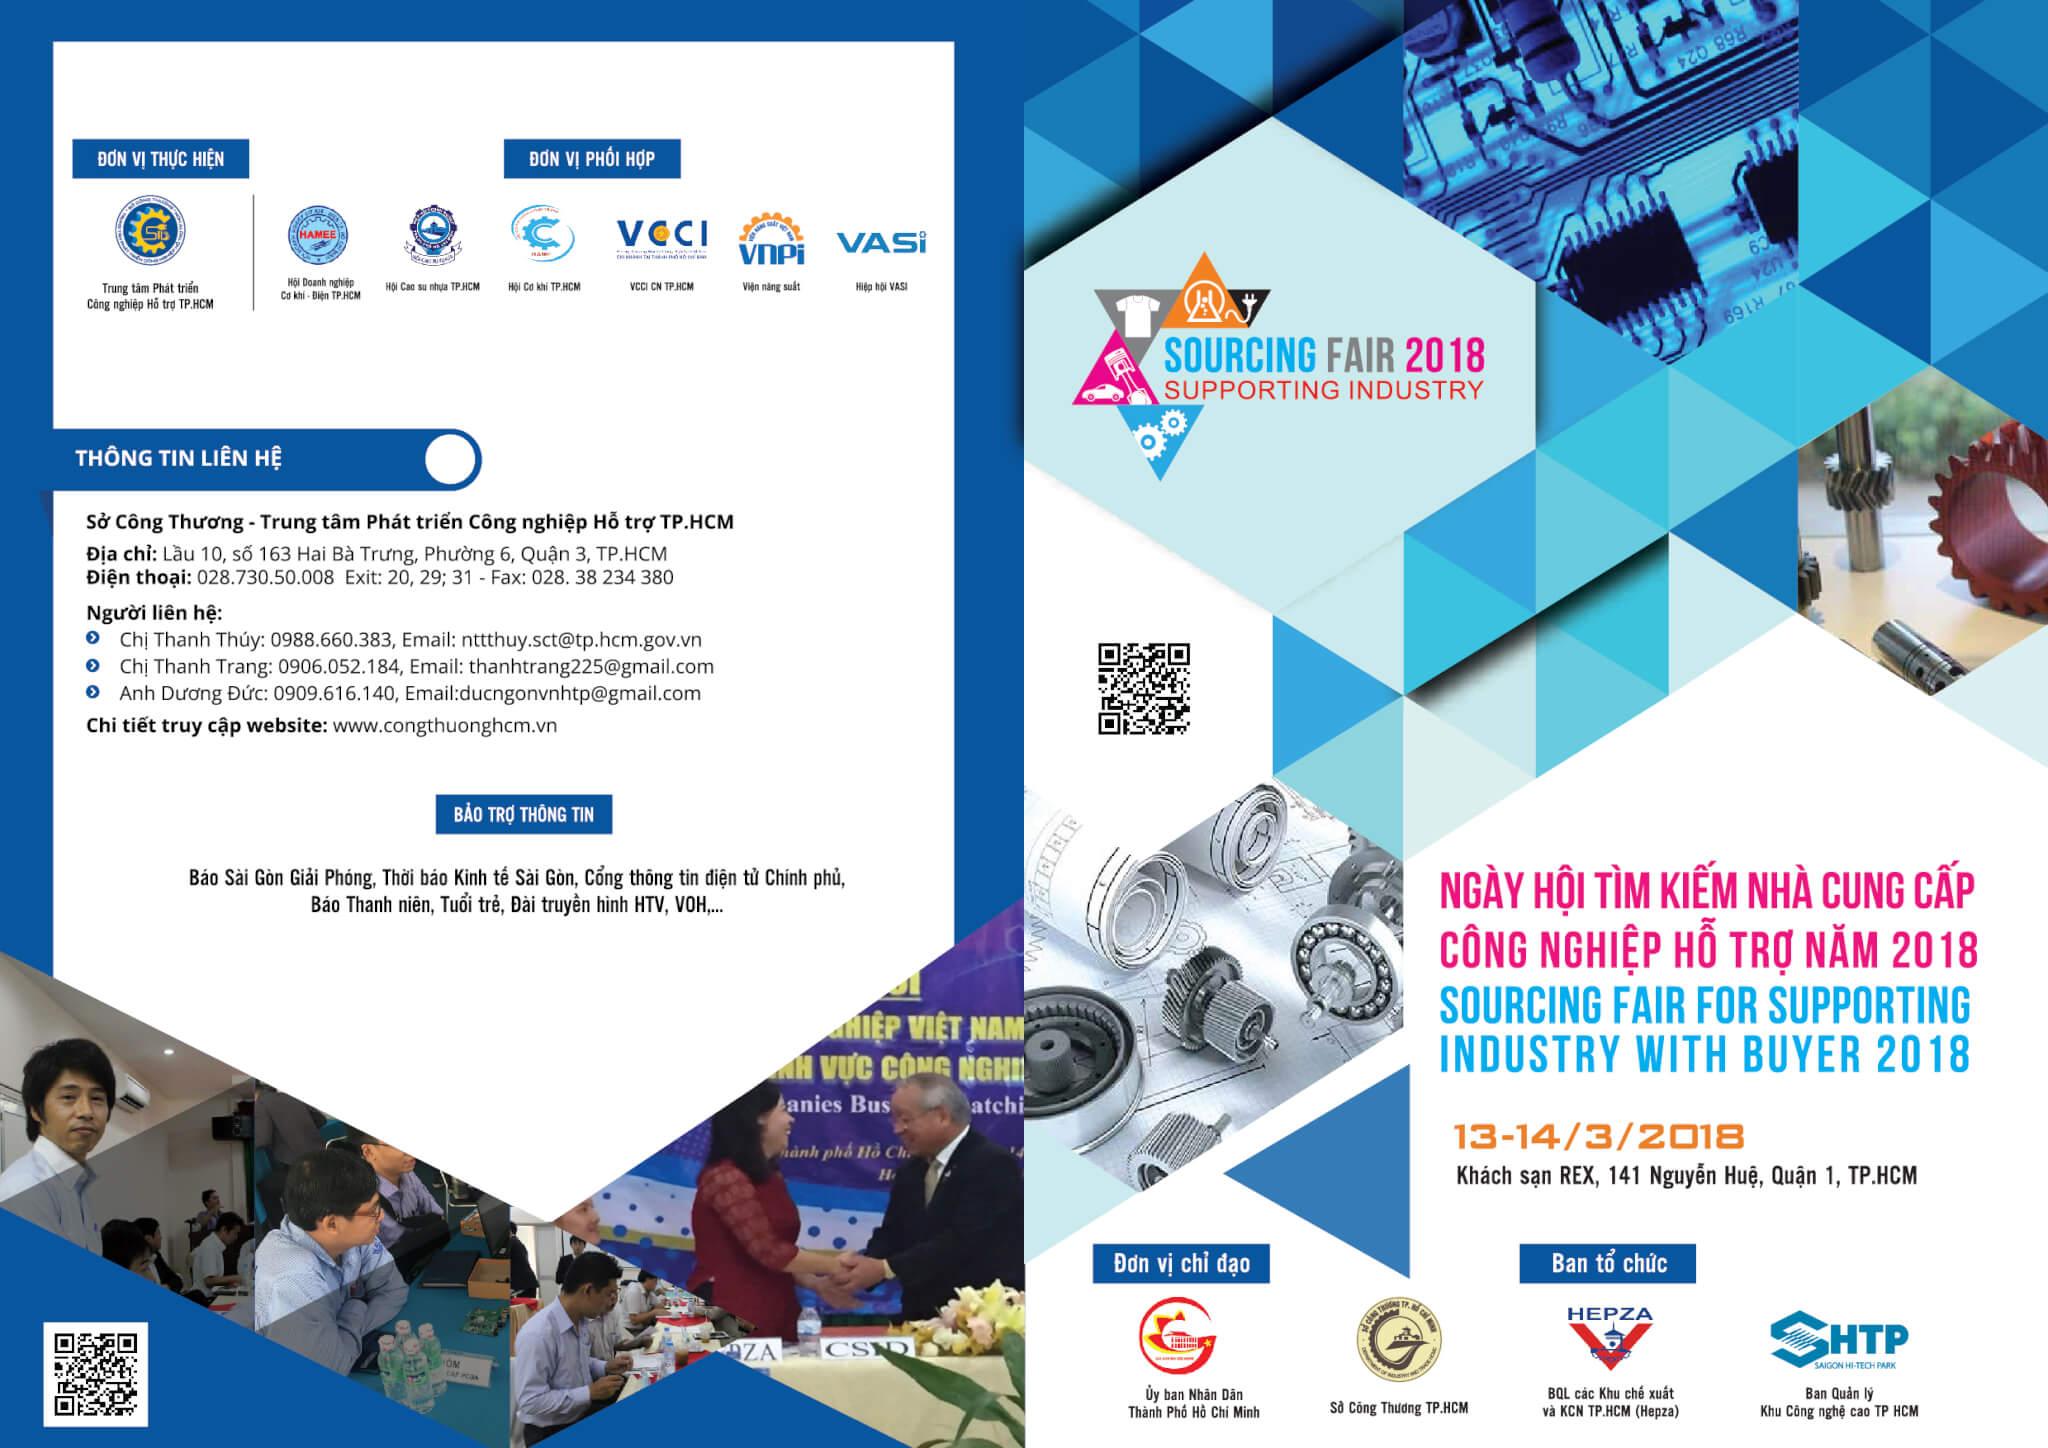 Ngày hội tìm kiếm nhà cung cấp công nghiệp hỗ trợ năm 2018